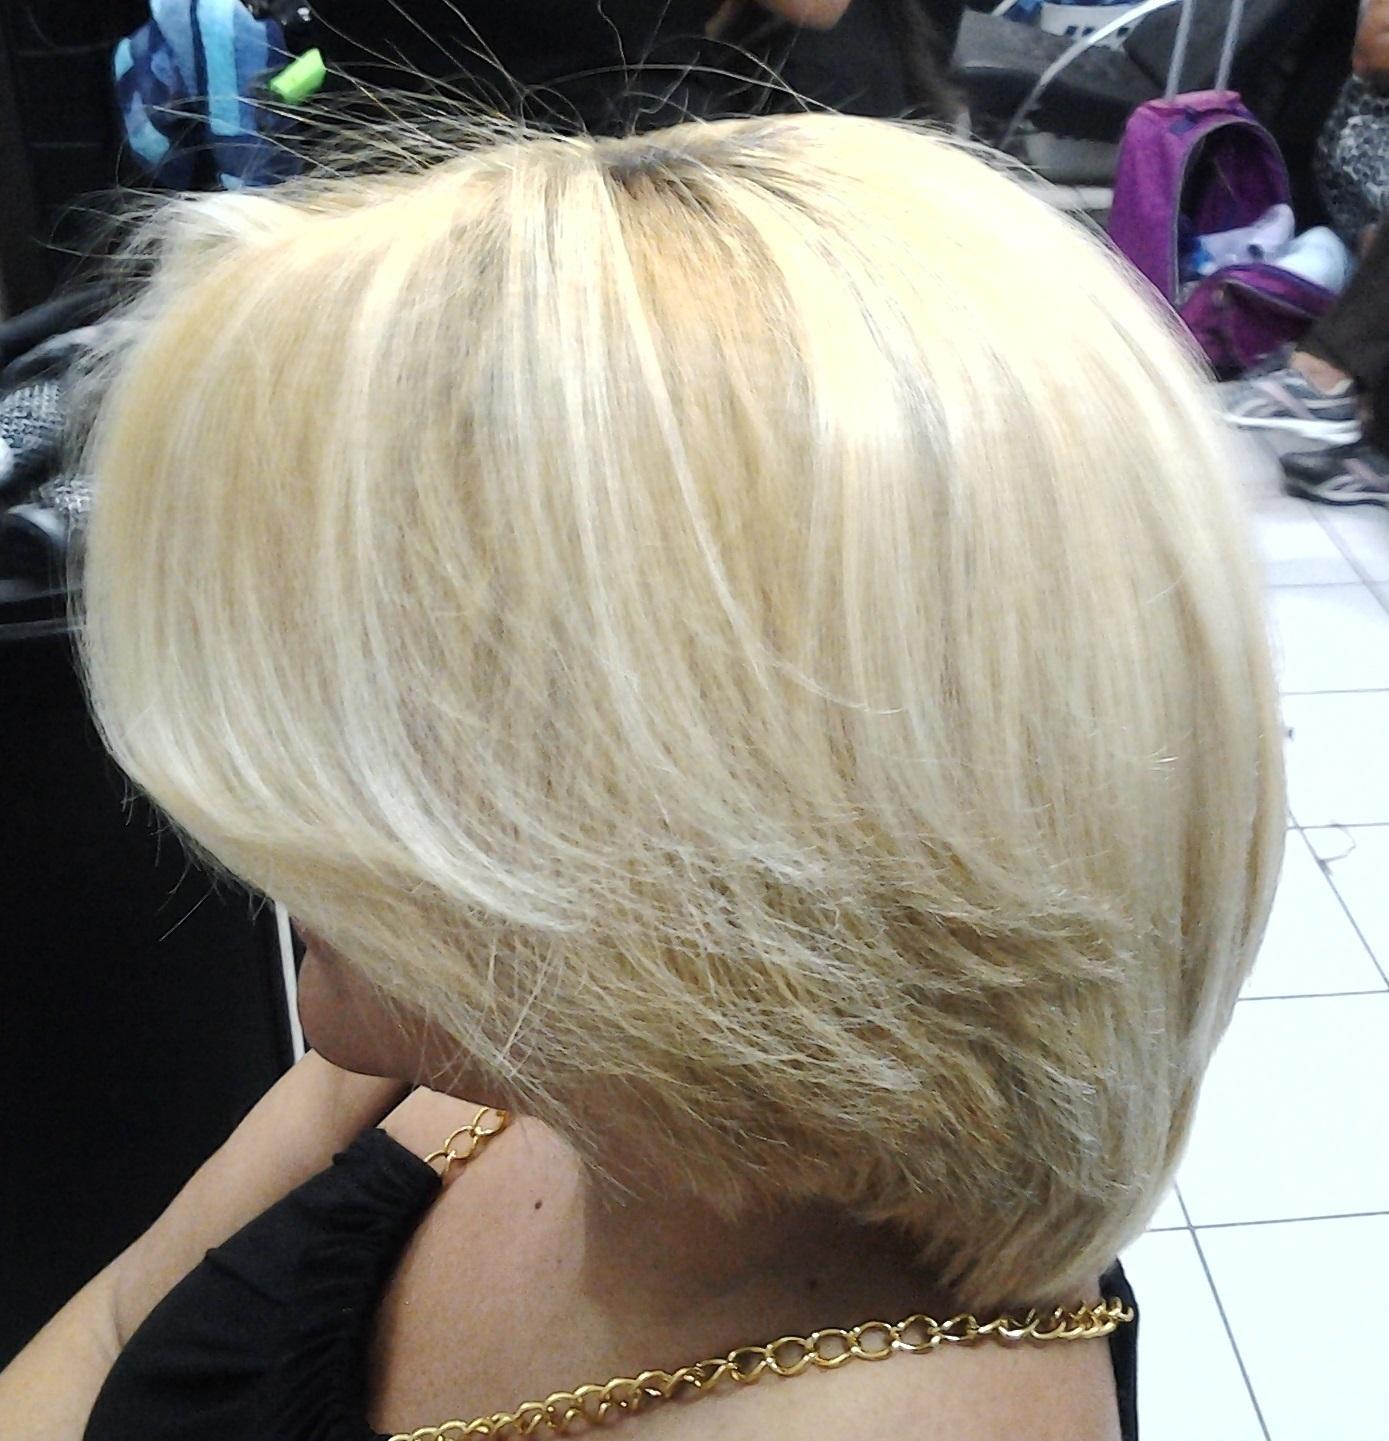 depois  tirando o amarelo com mechas cabeleireiro(a) massoterapeuta barbeiro(a) aromaterapeuta depilador(a) designer de sobrancelhas esteticista massagista stylist terapeuta visagista docente / professor(a) supervisor(a)